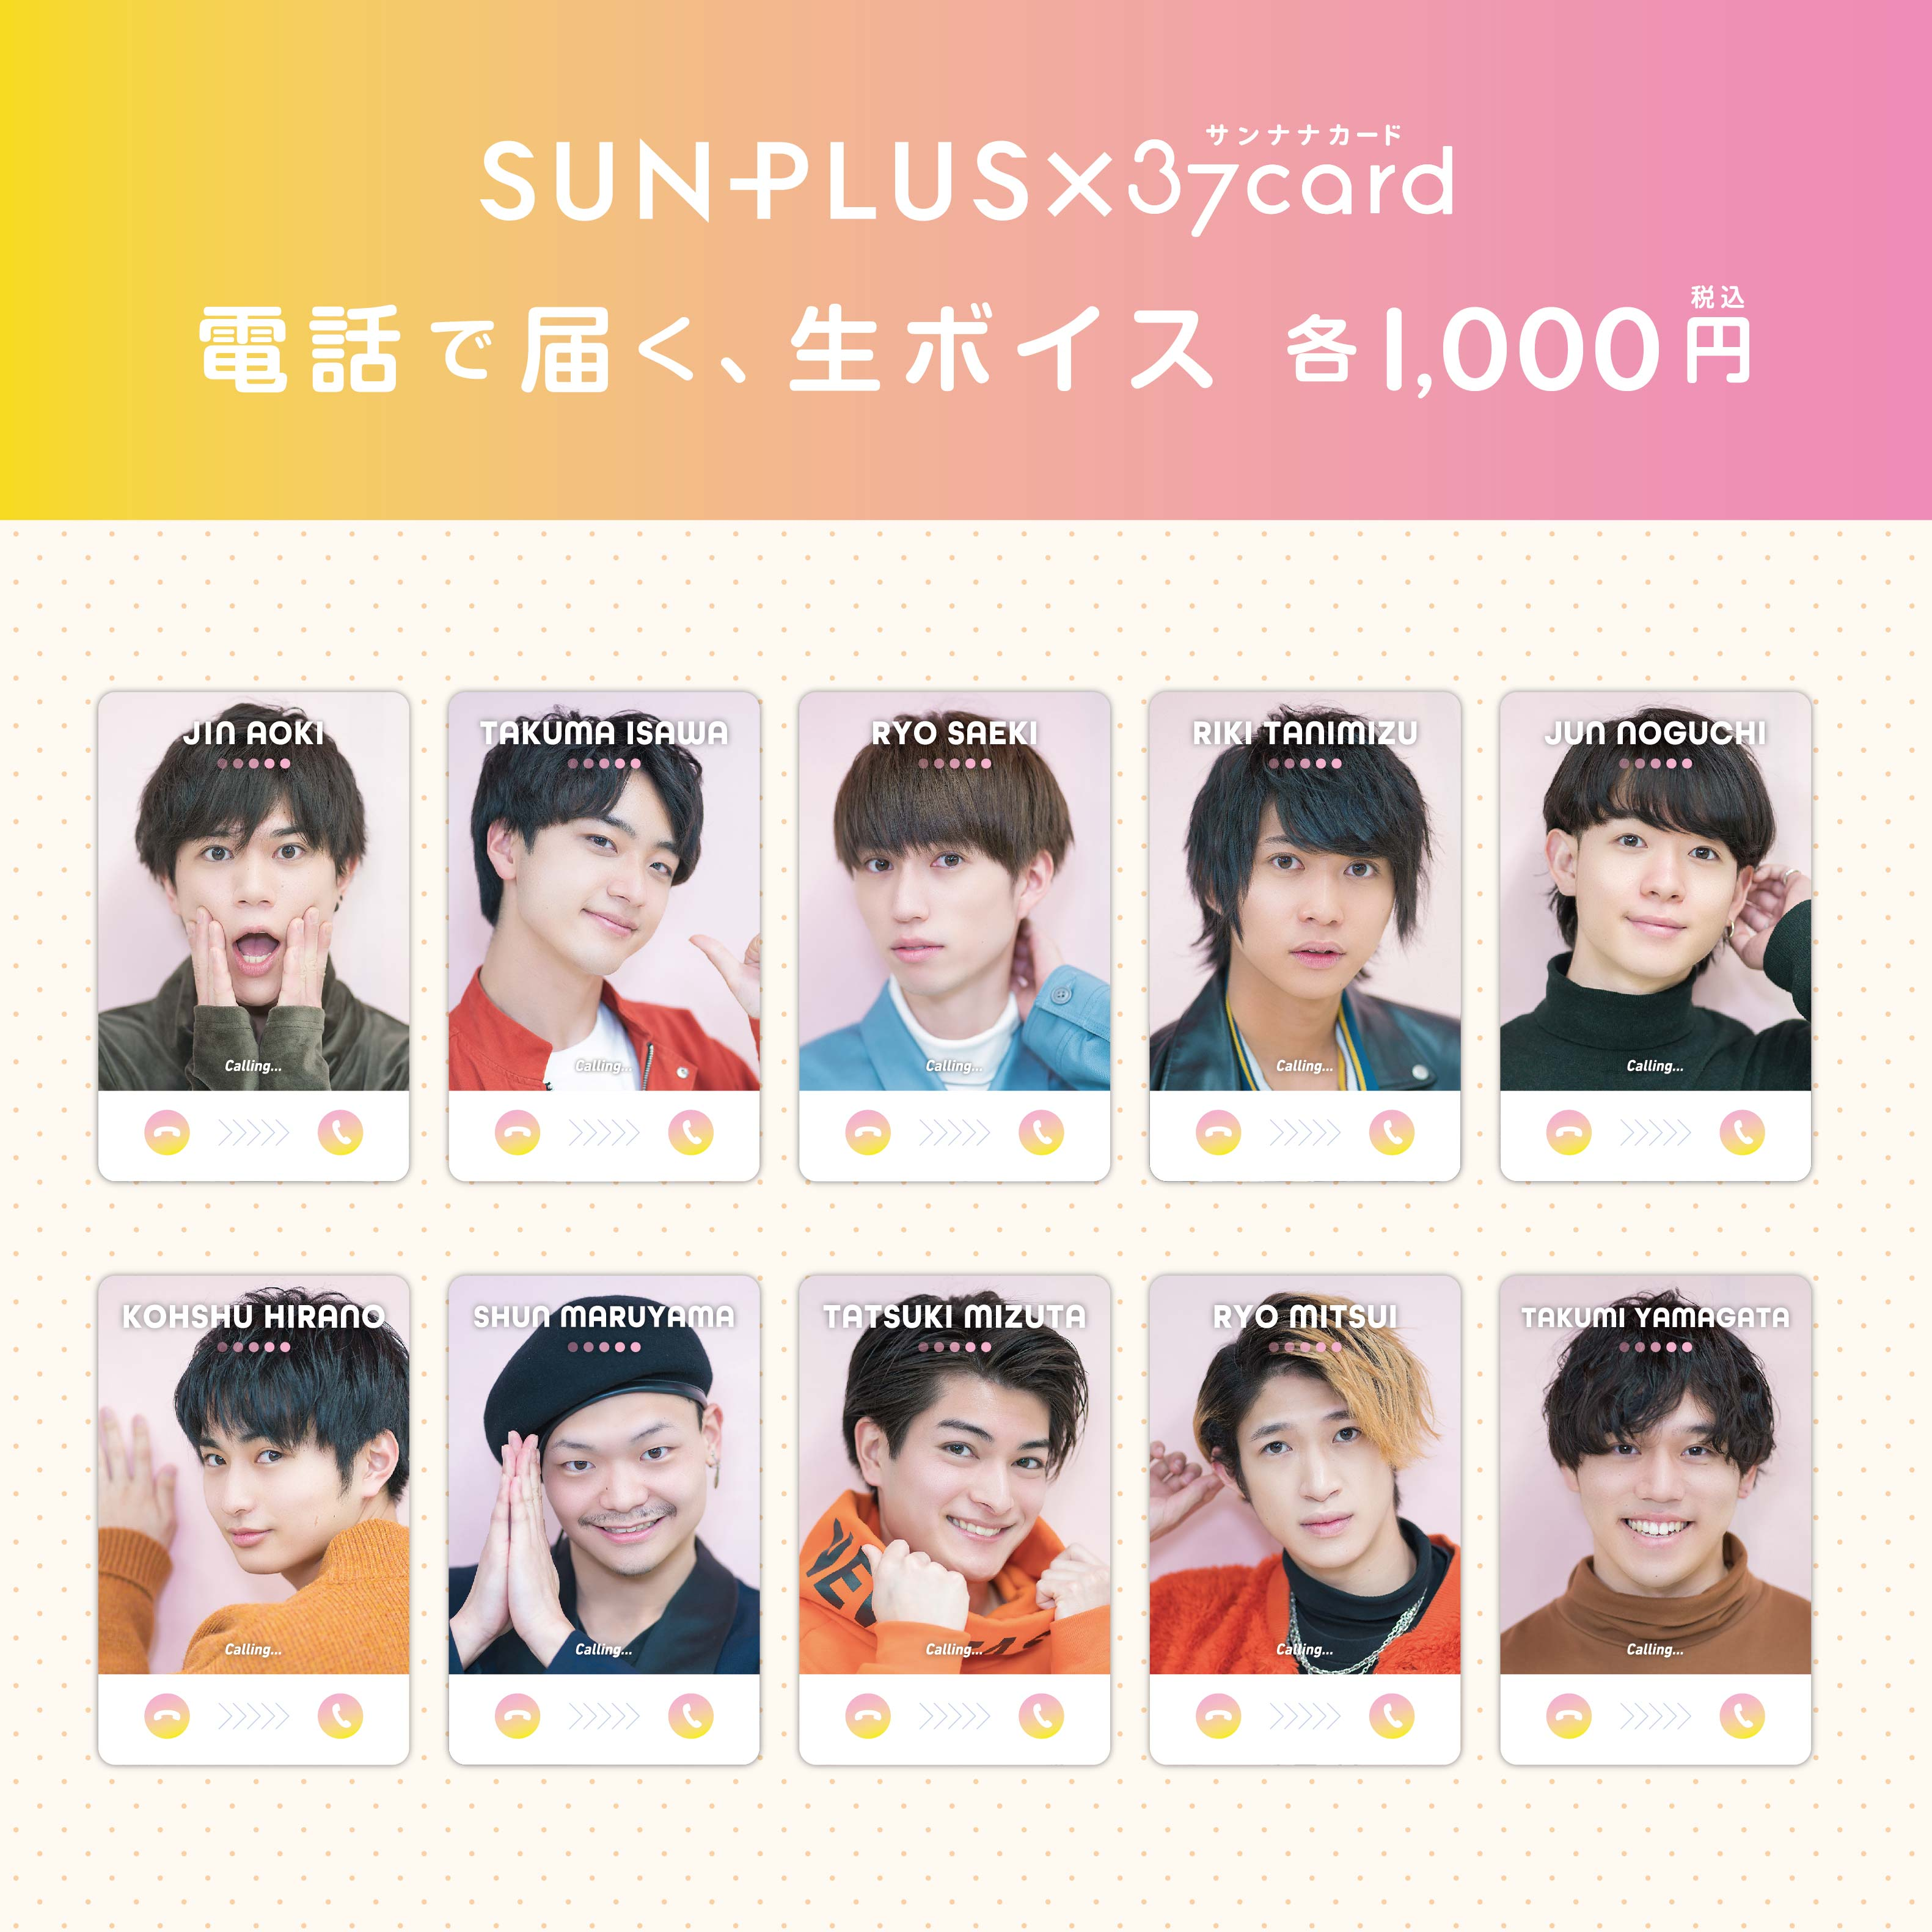 SUNPLUS×37card(サンナナカード)2020年5月ver.